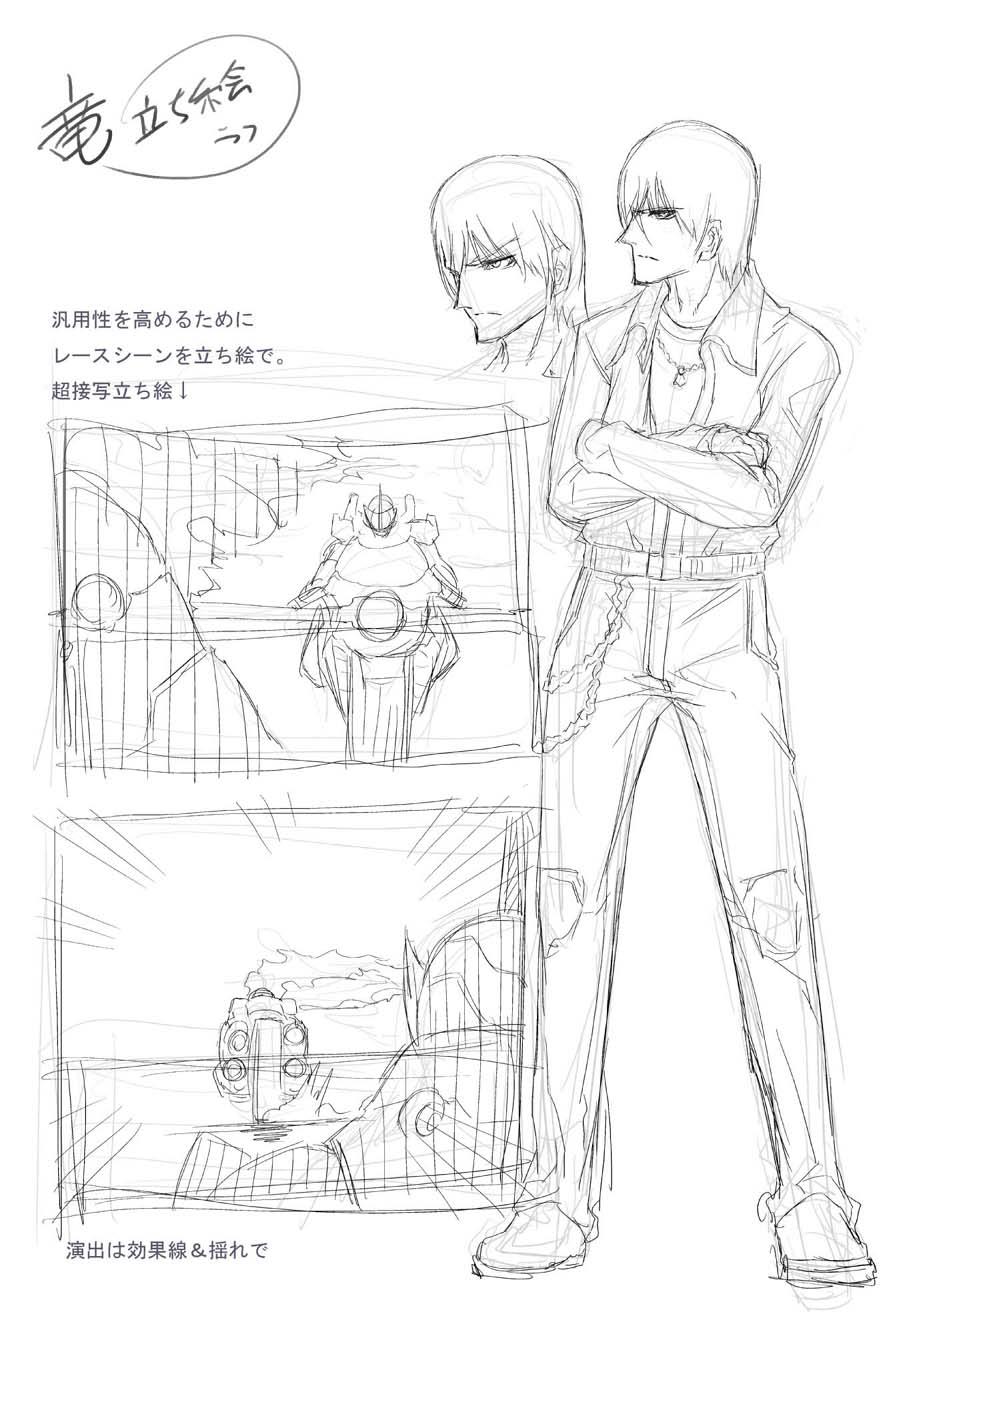 アクセル同人誌-02のコピー